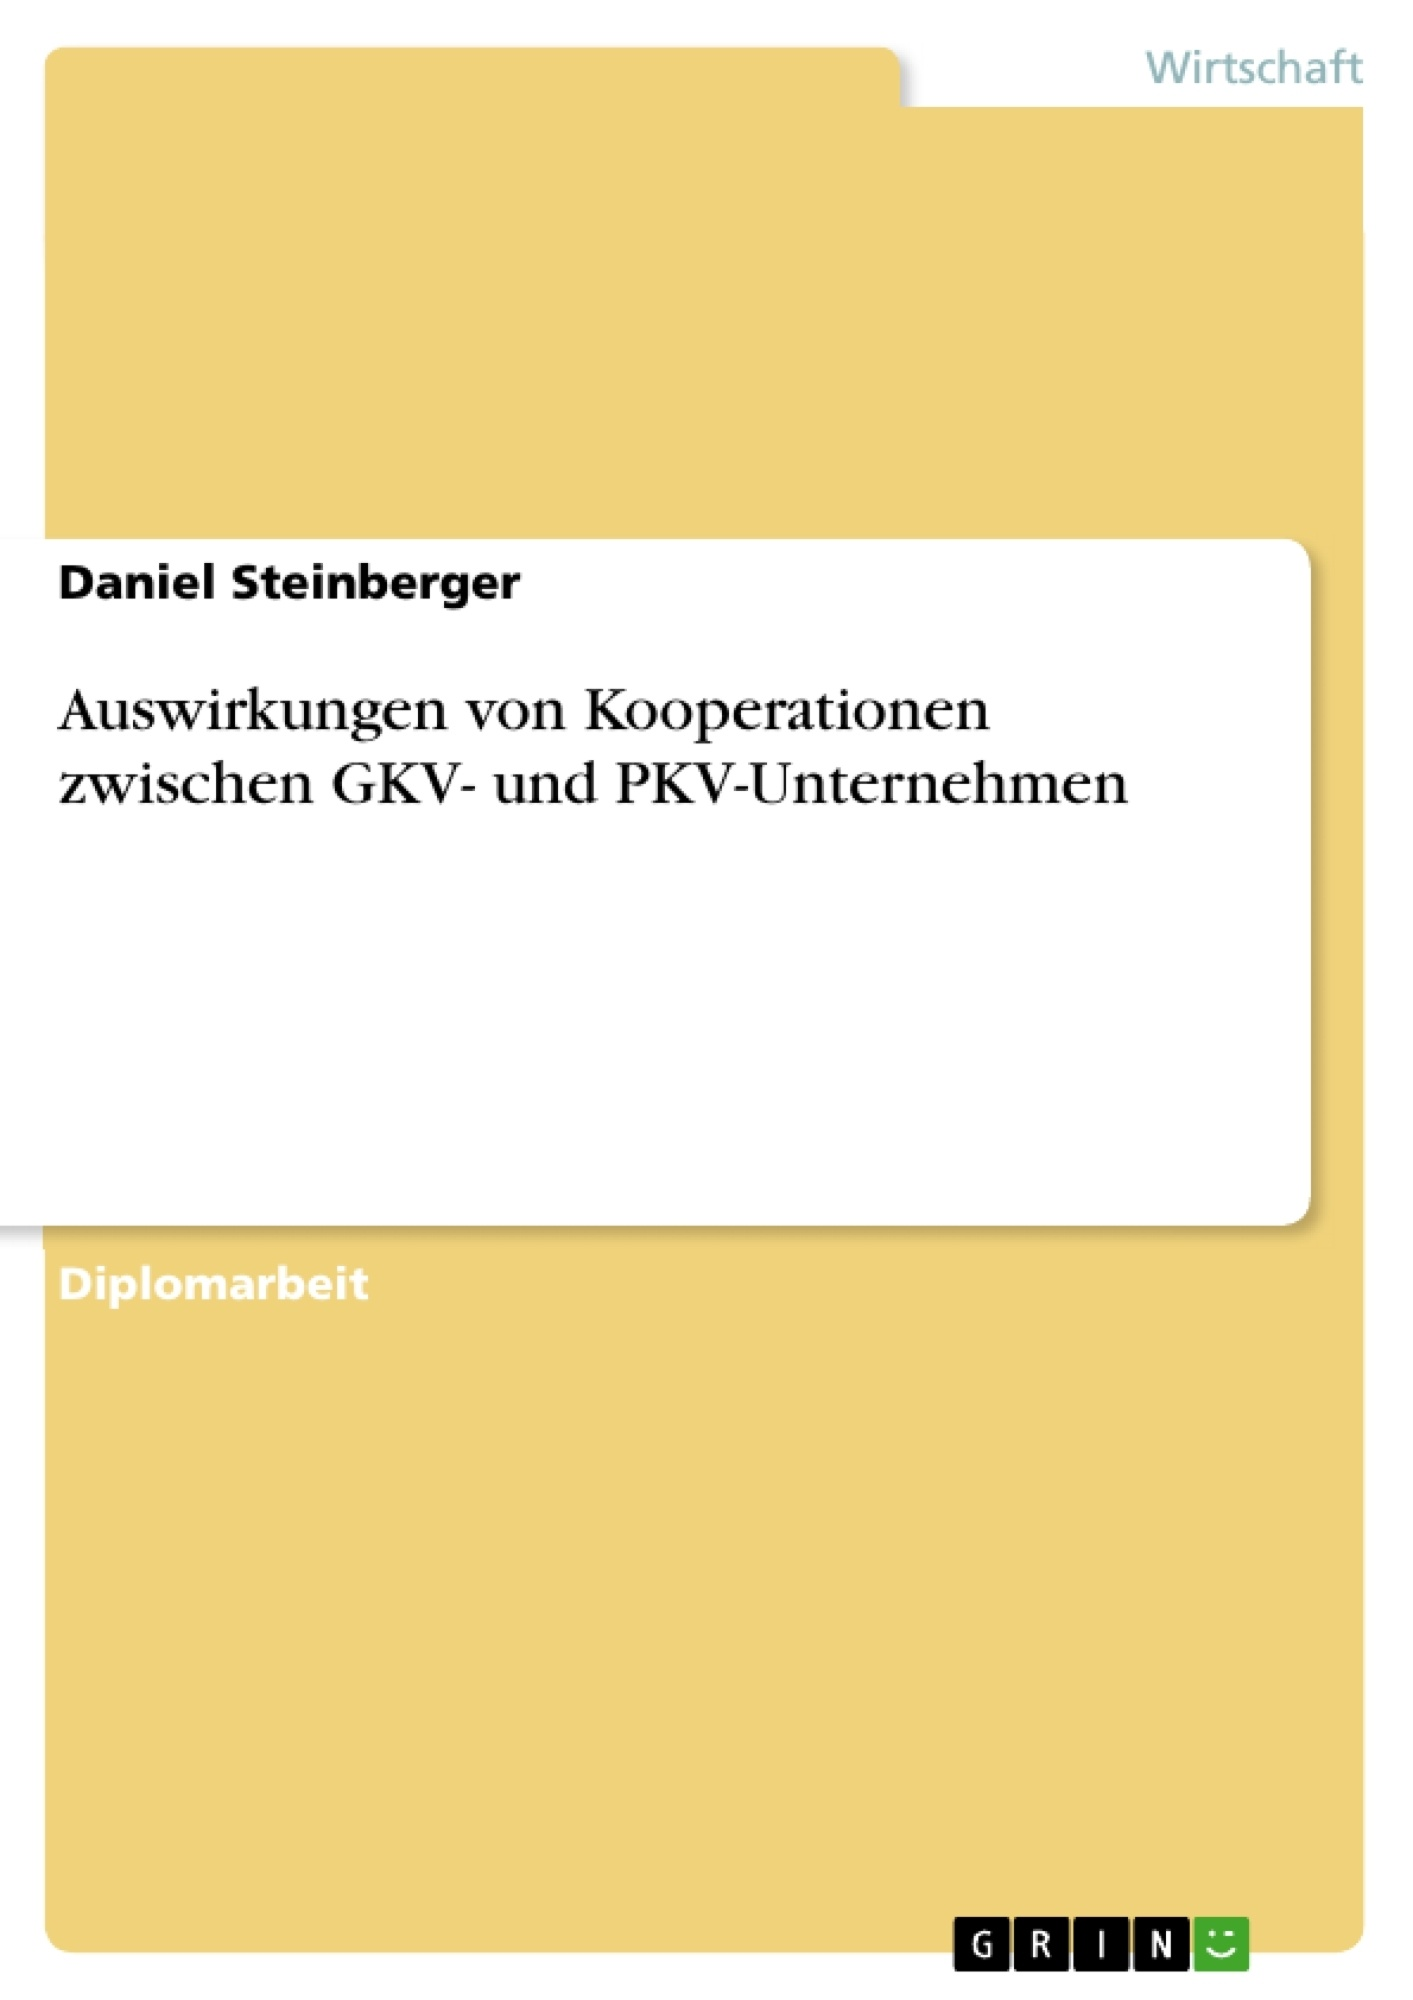 Titel: Auswirkungen von Kooperationen zwischen GKV- und PKV-Unternehmen